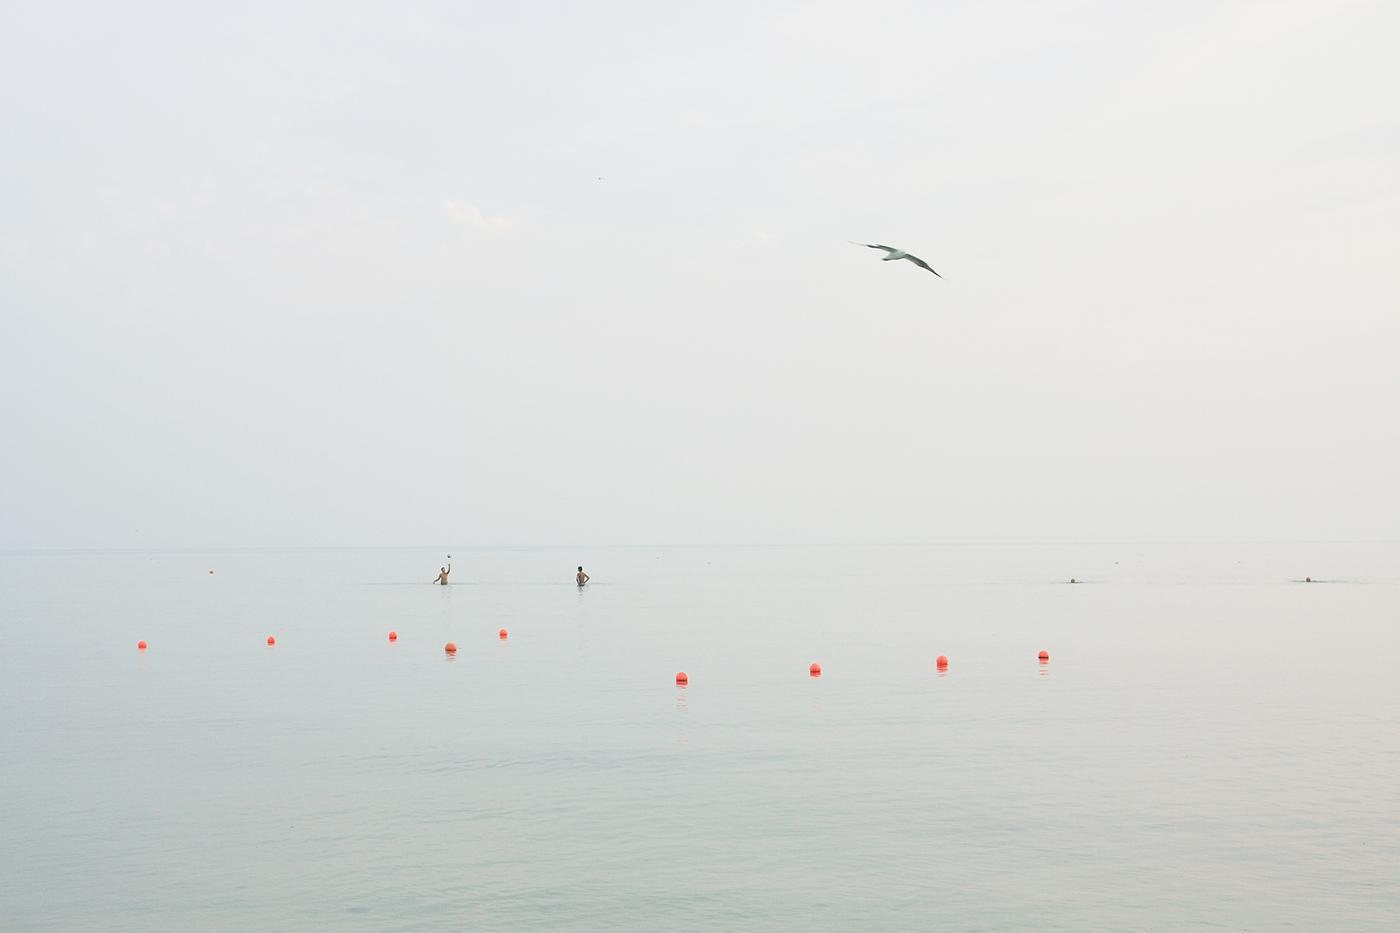 Remembering Summer / фото Mindaugas Buivydas